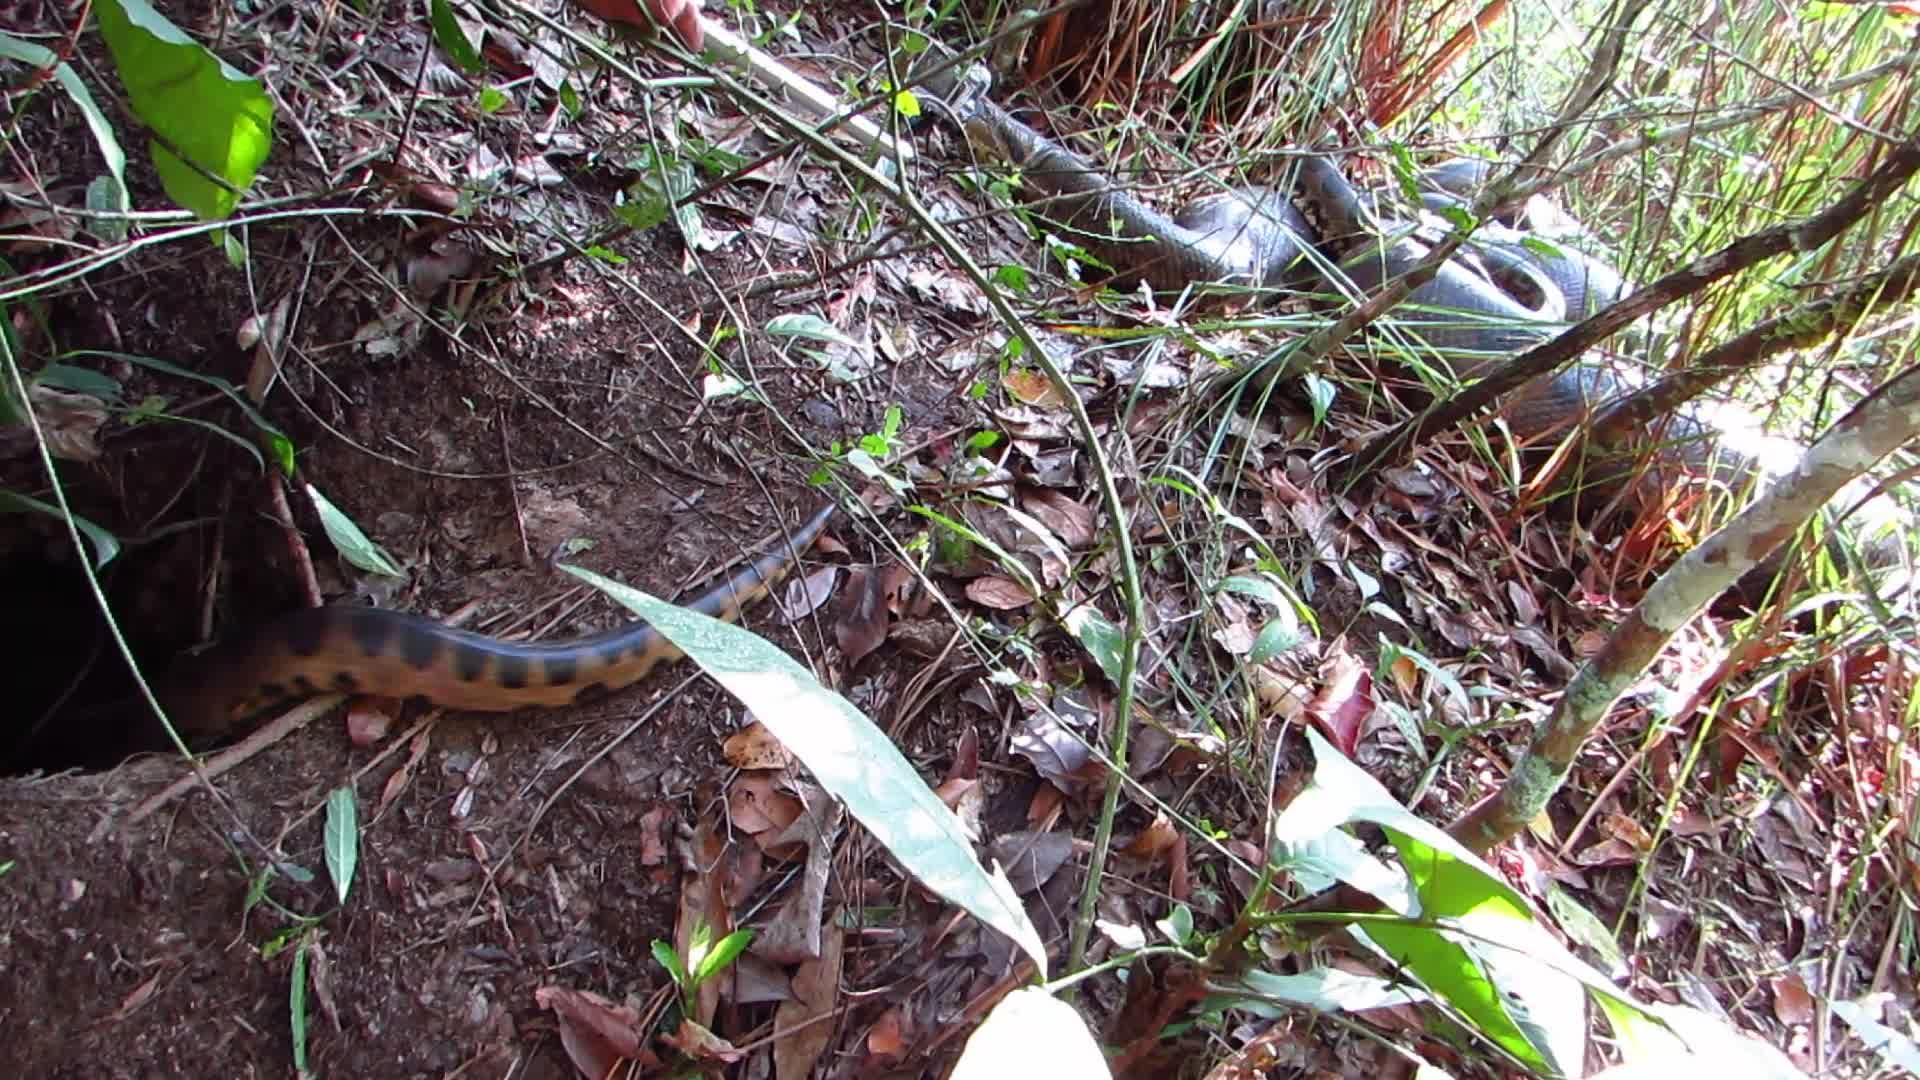 Anakondaenes utrolige parringsdans fanget på film